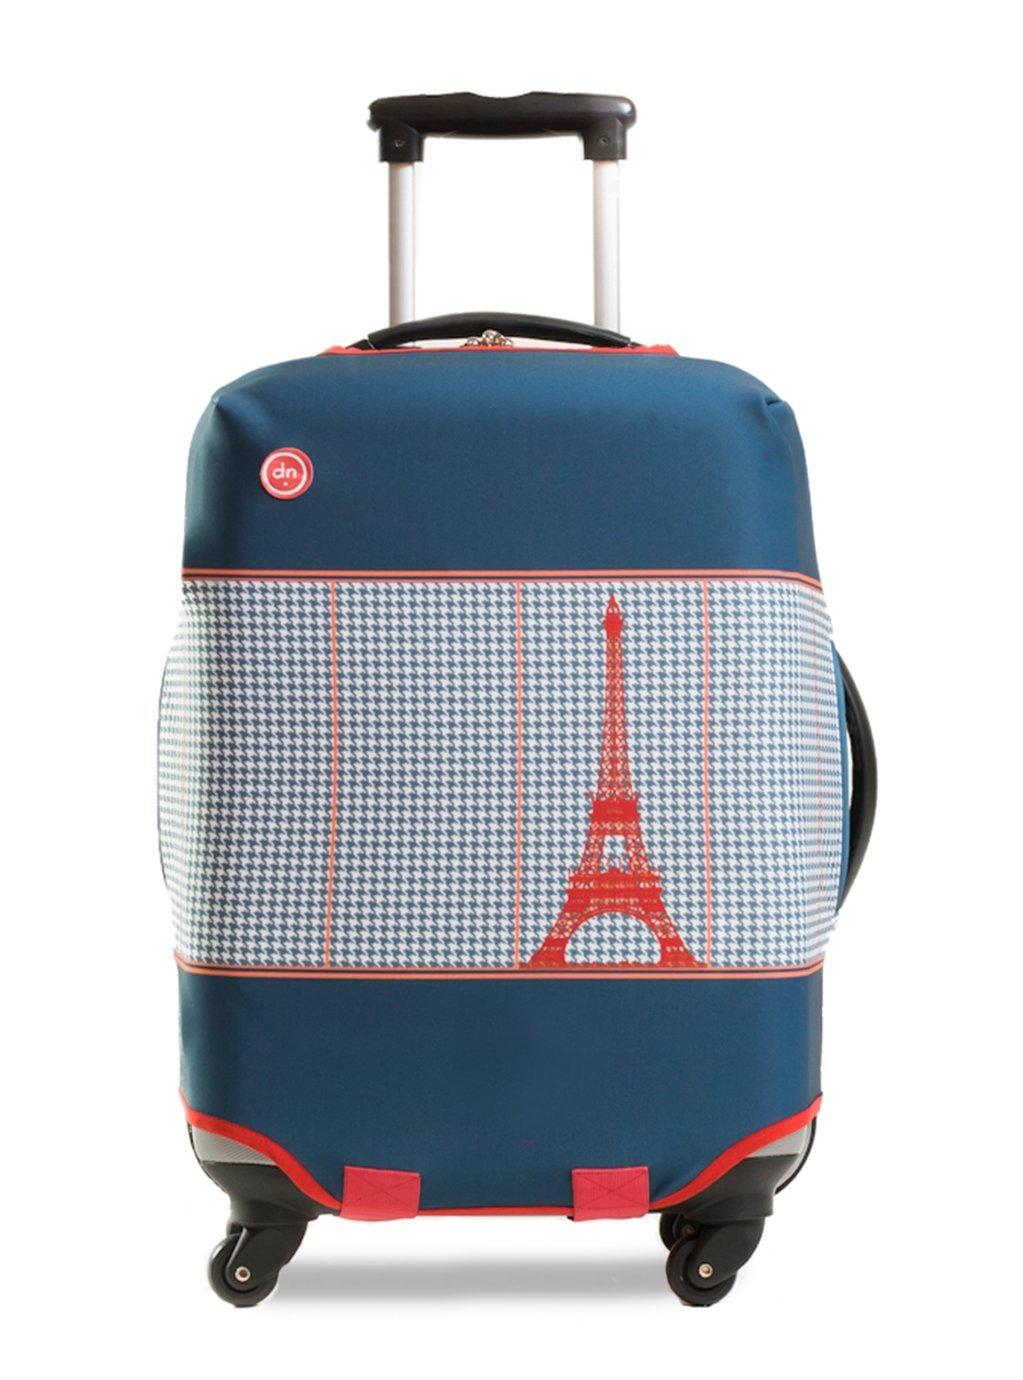 Dandy Nomad Housse de valise Paname Bleu Regenhülle, 26 cm, Blau (Bleu)